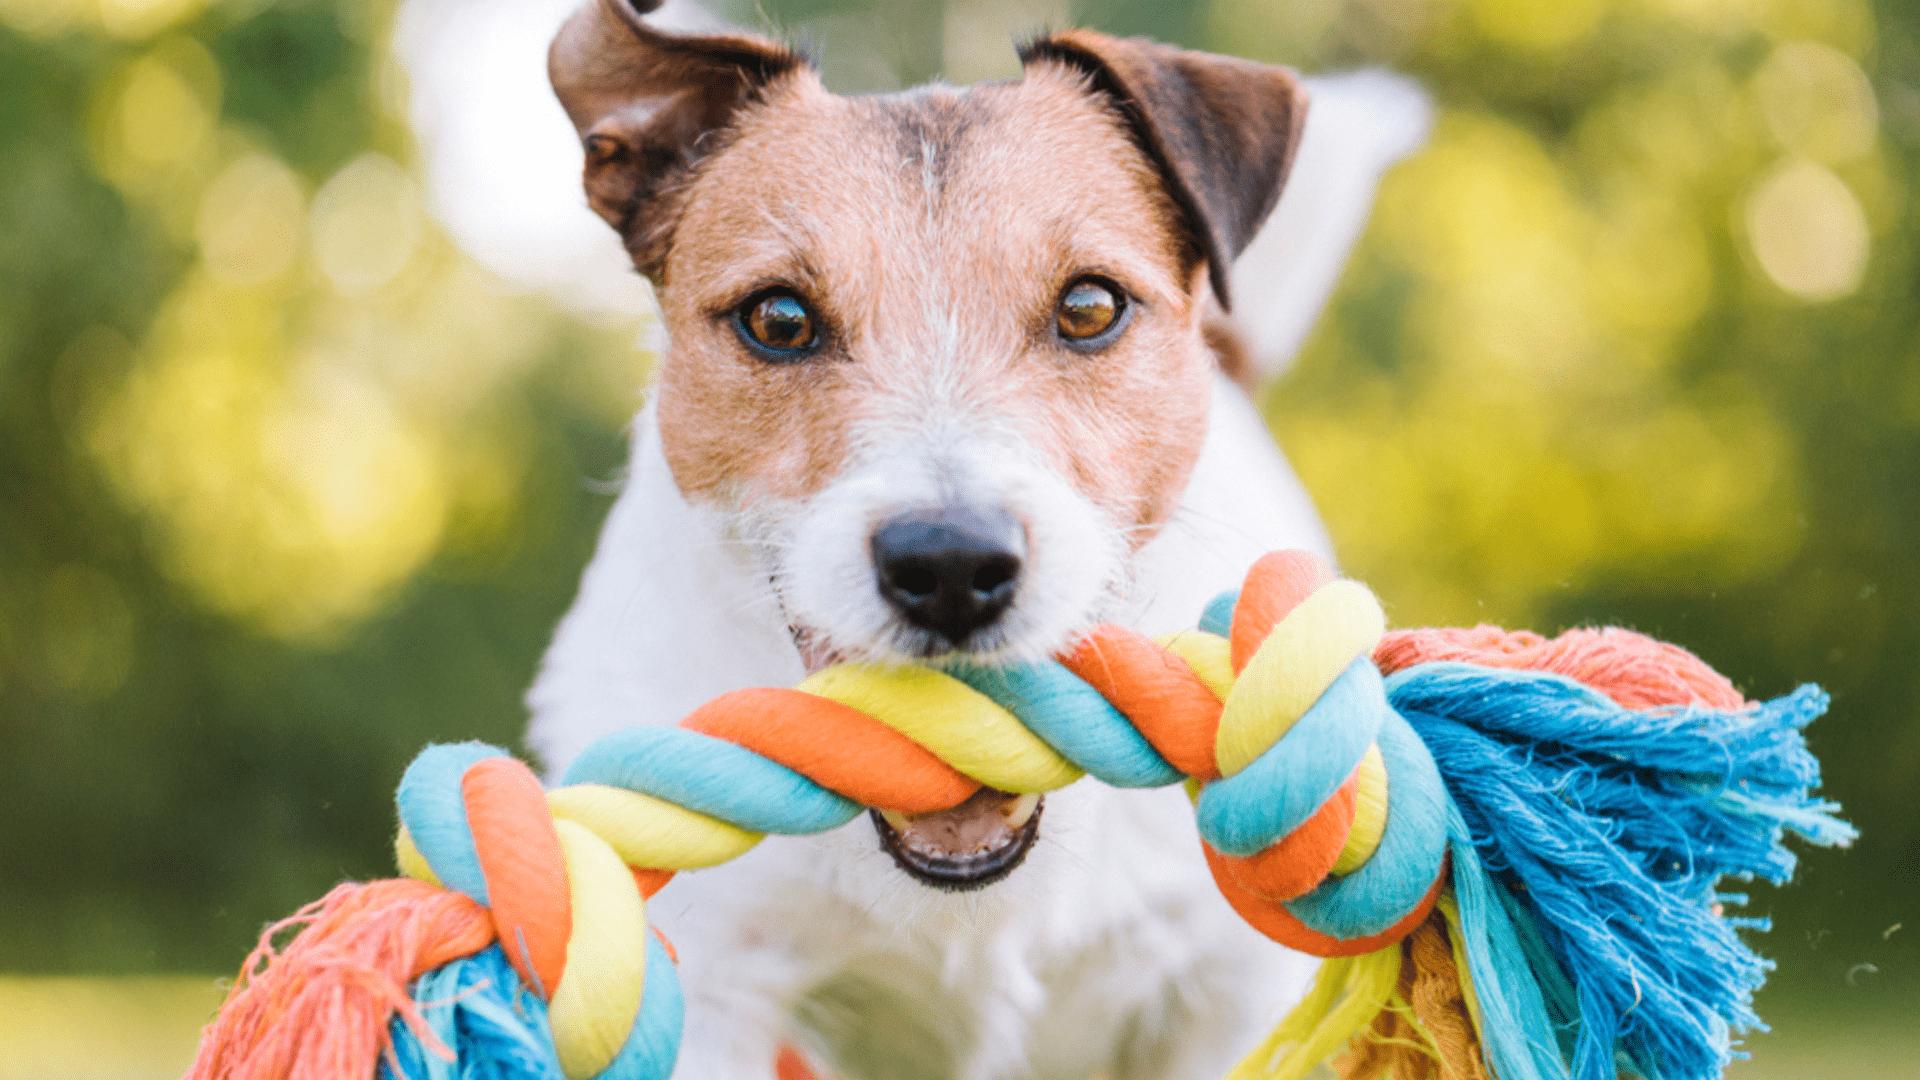 A corda para cachorro ajuda a reduzir a ansiedade do animal (Reprodução/Shutterstock)